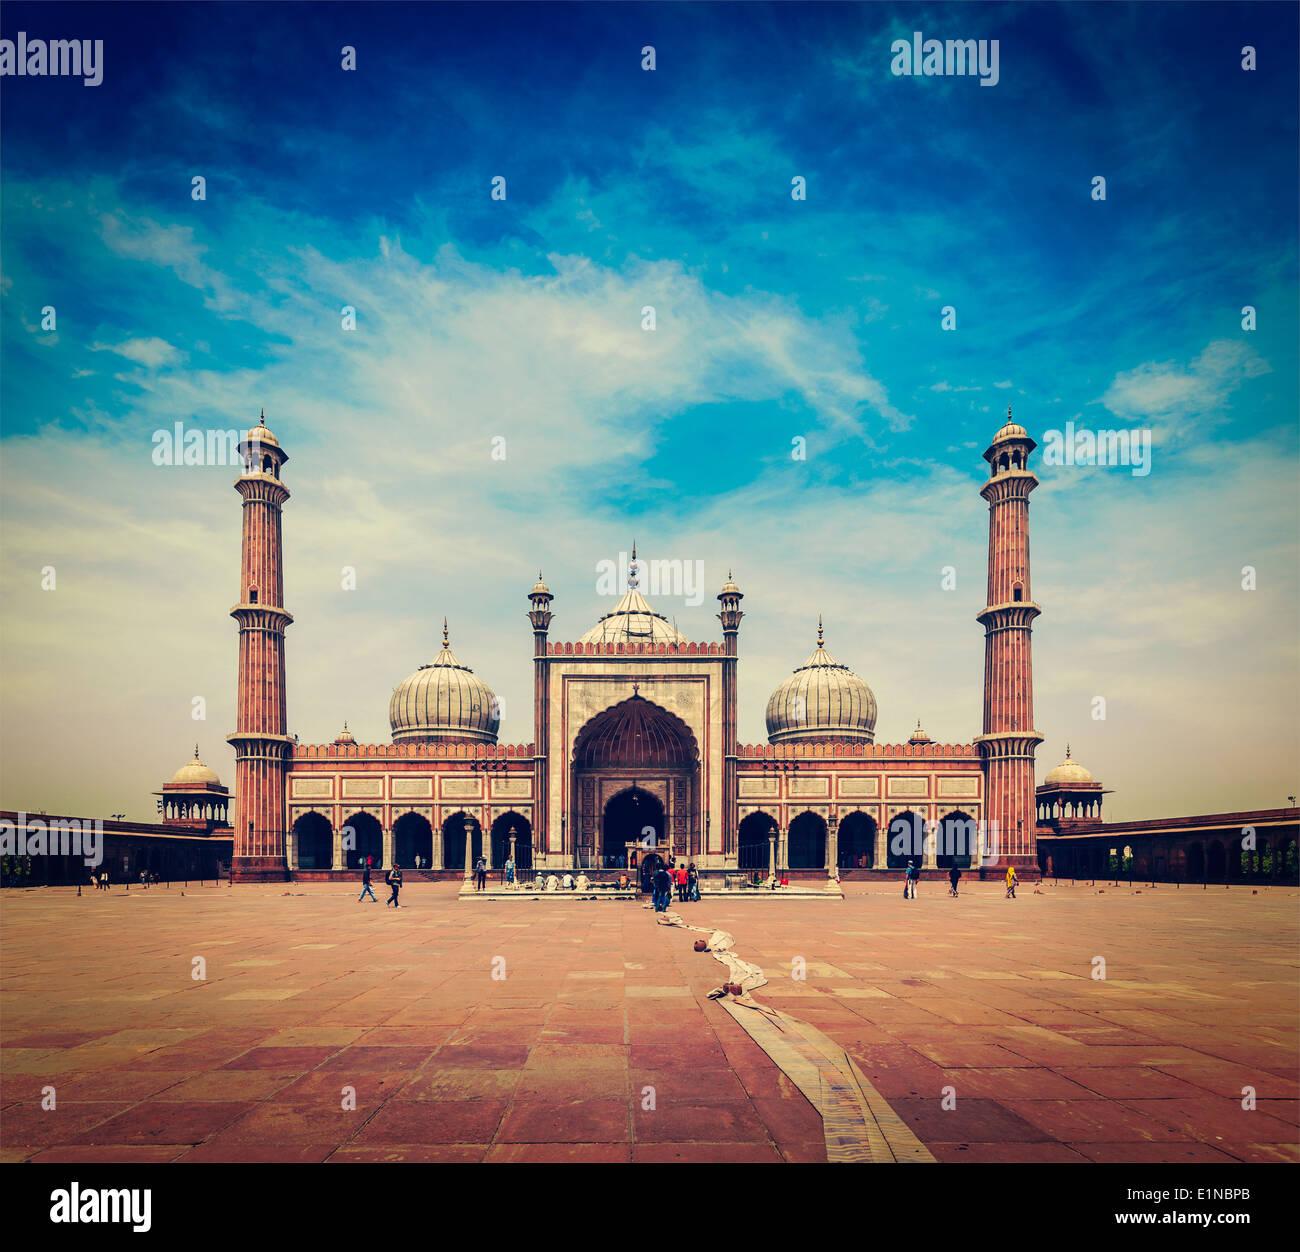 Vintage Retro-Hipster Stil reisen Bild der Jama Masjid - größte Moschee in Indien. Delhi, Indien Stockbild